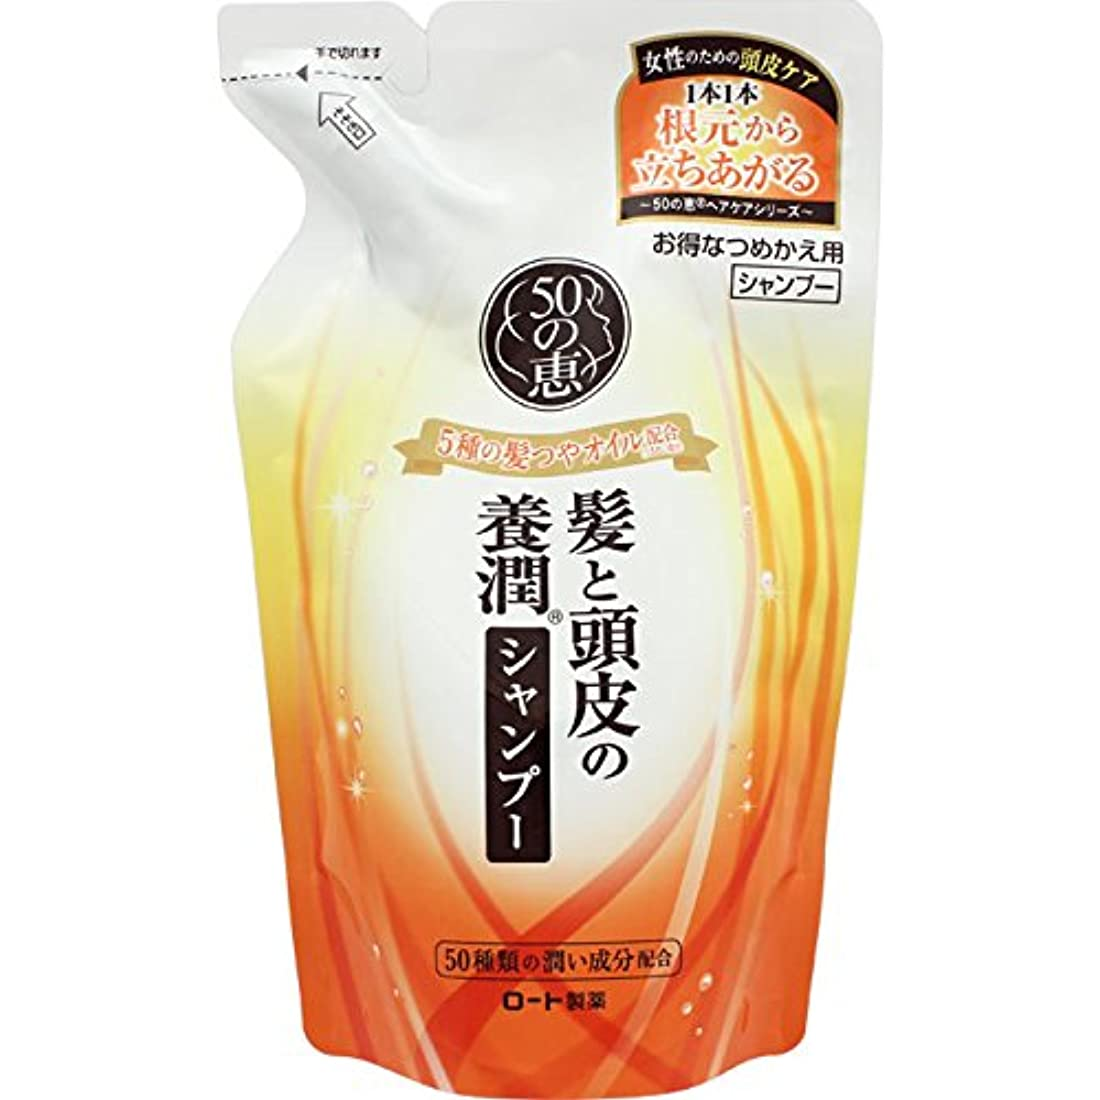 嵐のウェブソブリケットロート製薬 50の恵エイジングケア 髪と頭皮の養潤シャンプー 詰替用 330mL